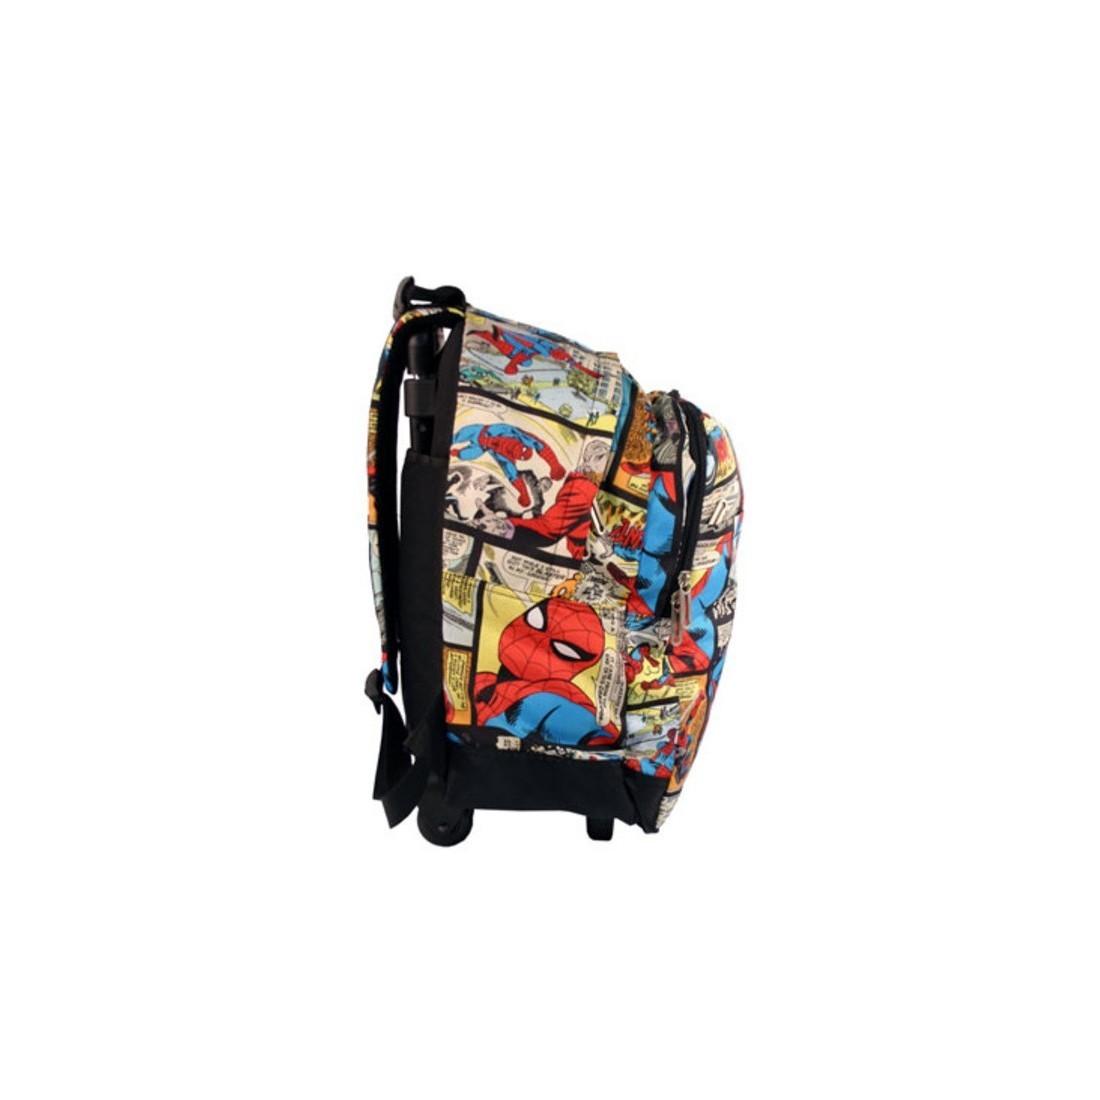 Plecak na kółkach SPIDERMAN komiks - plecak-tornister.pl